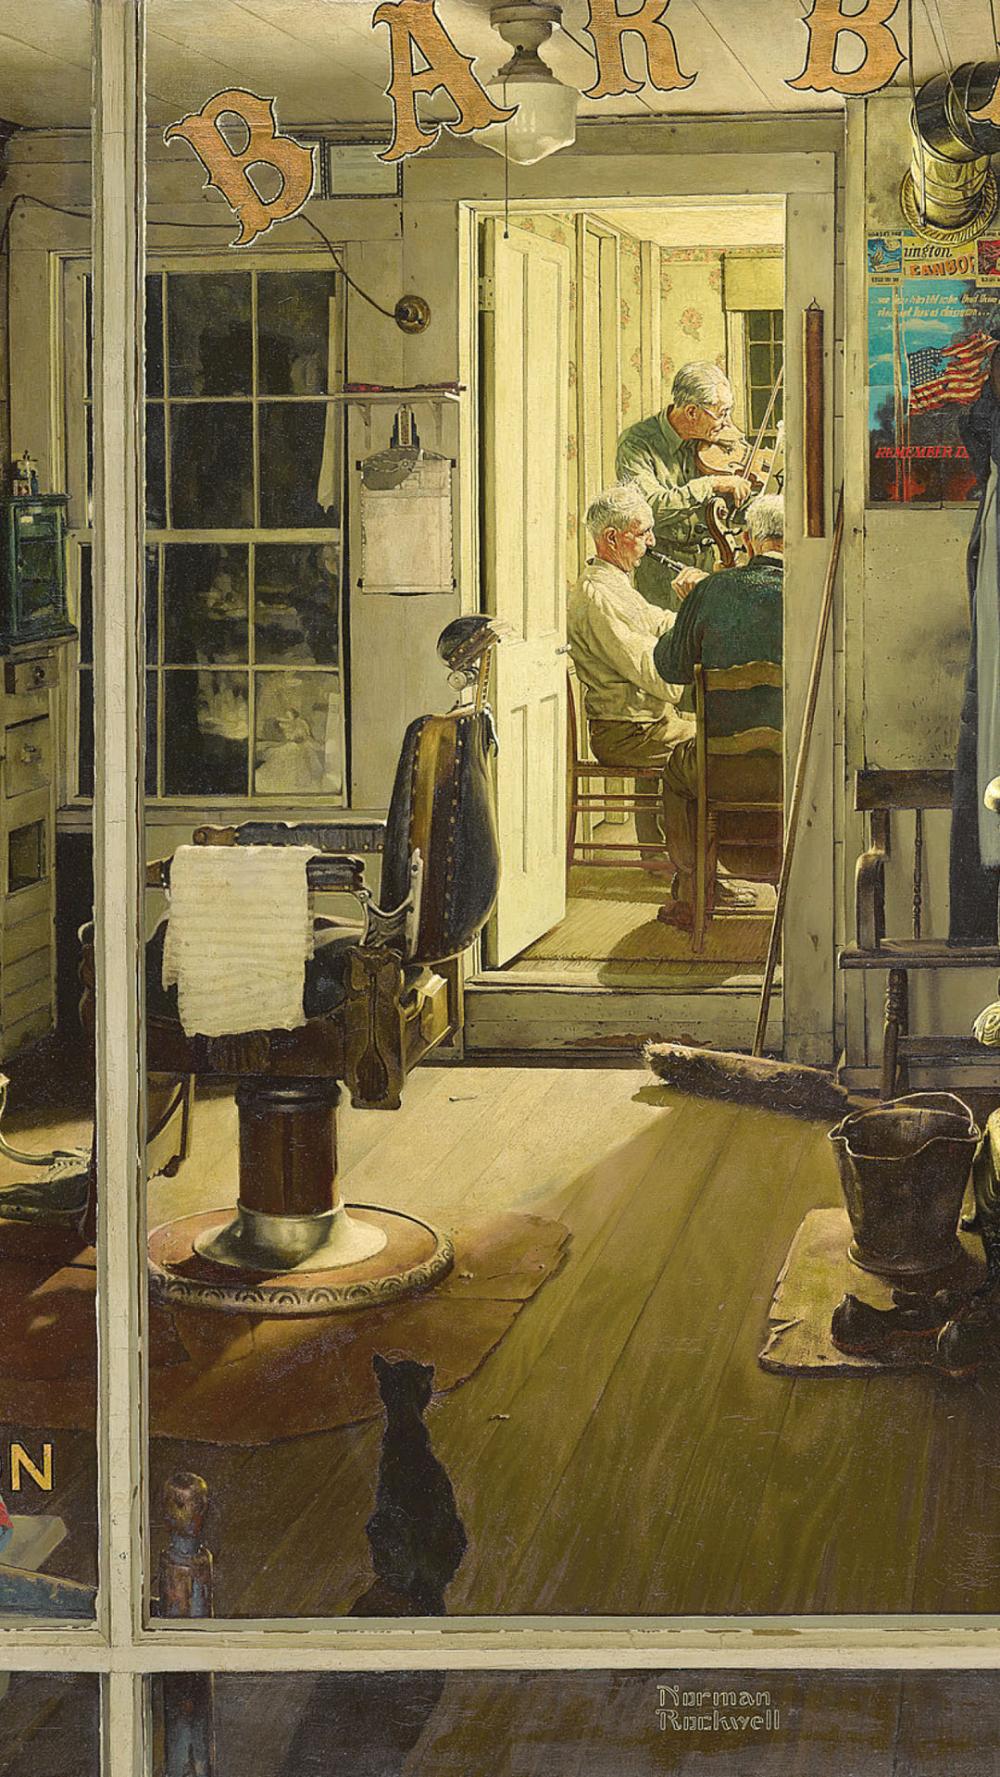 ノーマン・ロックウェルの画像 p1_25